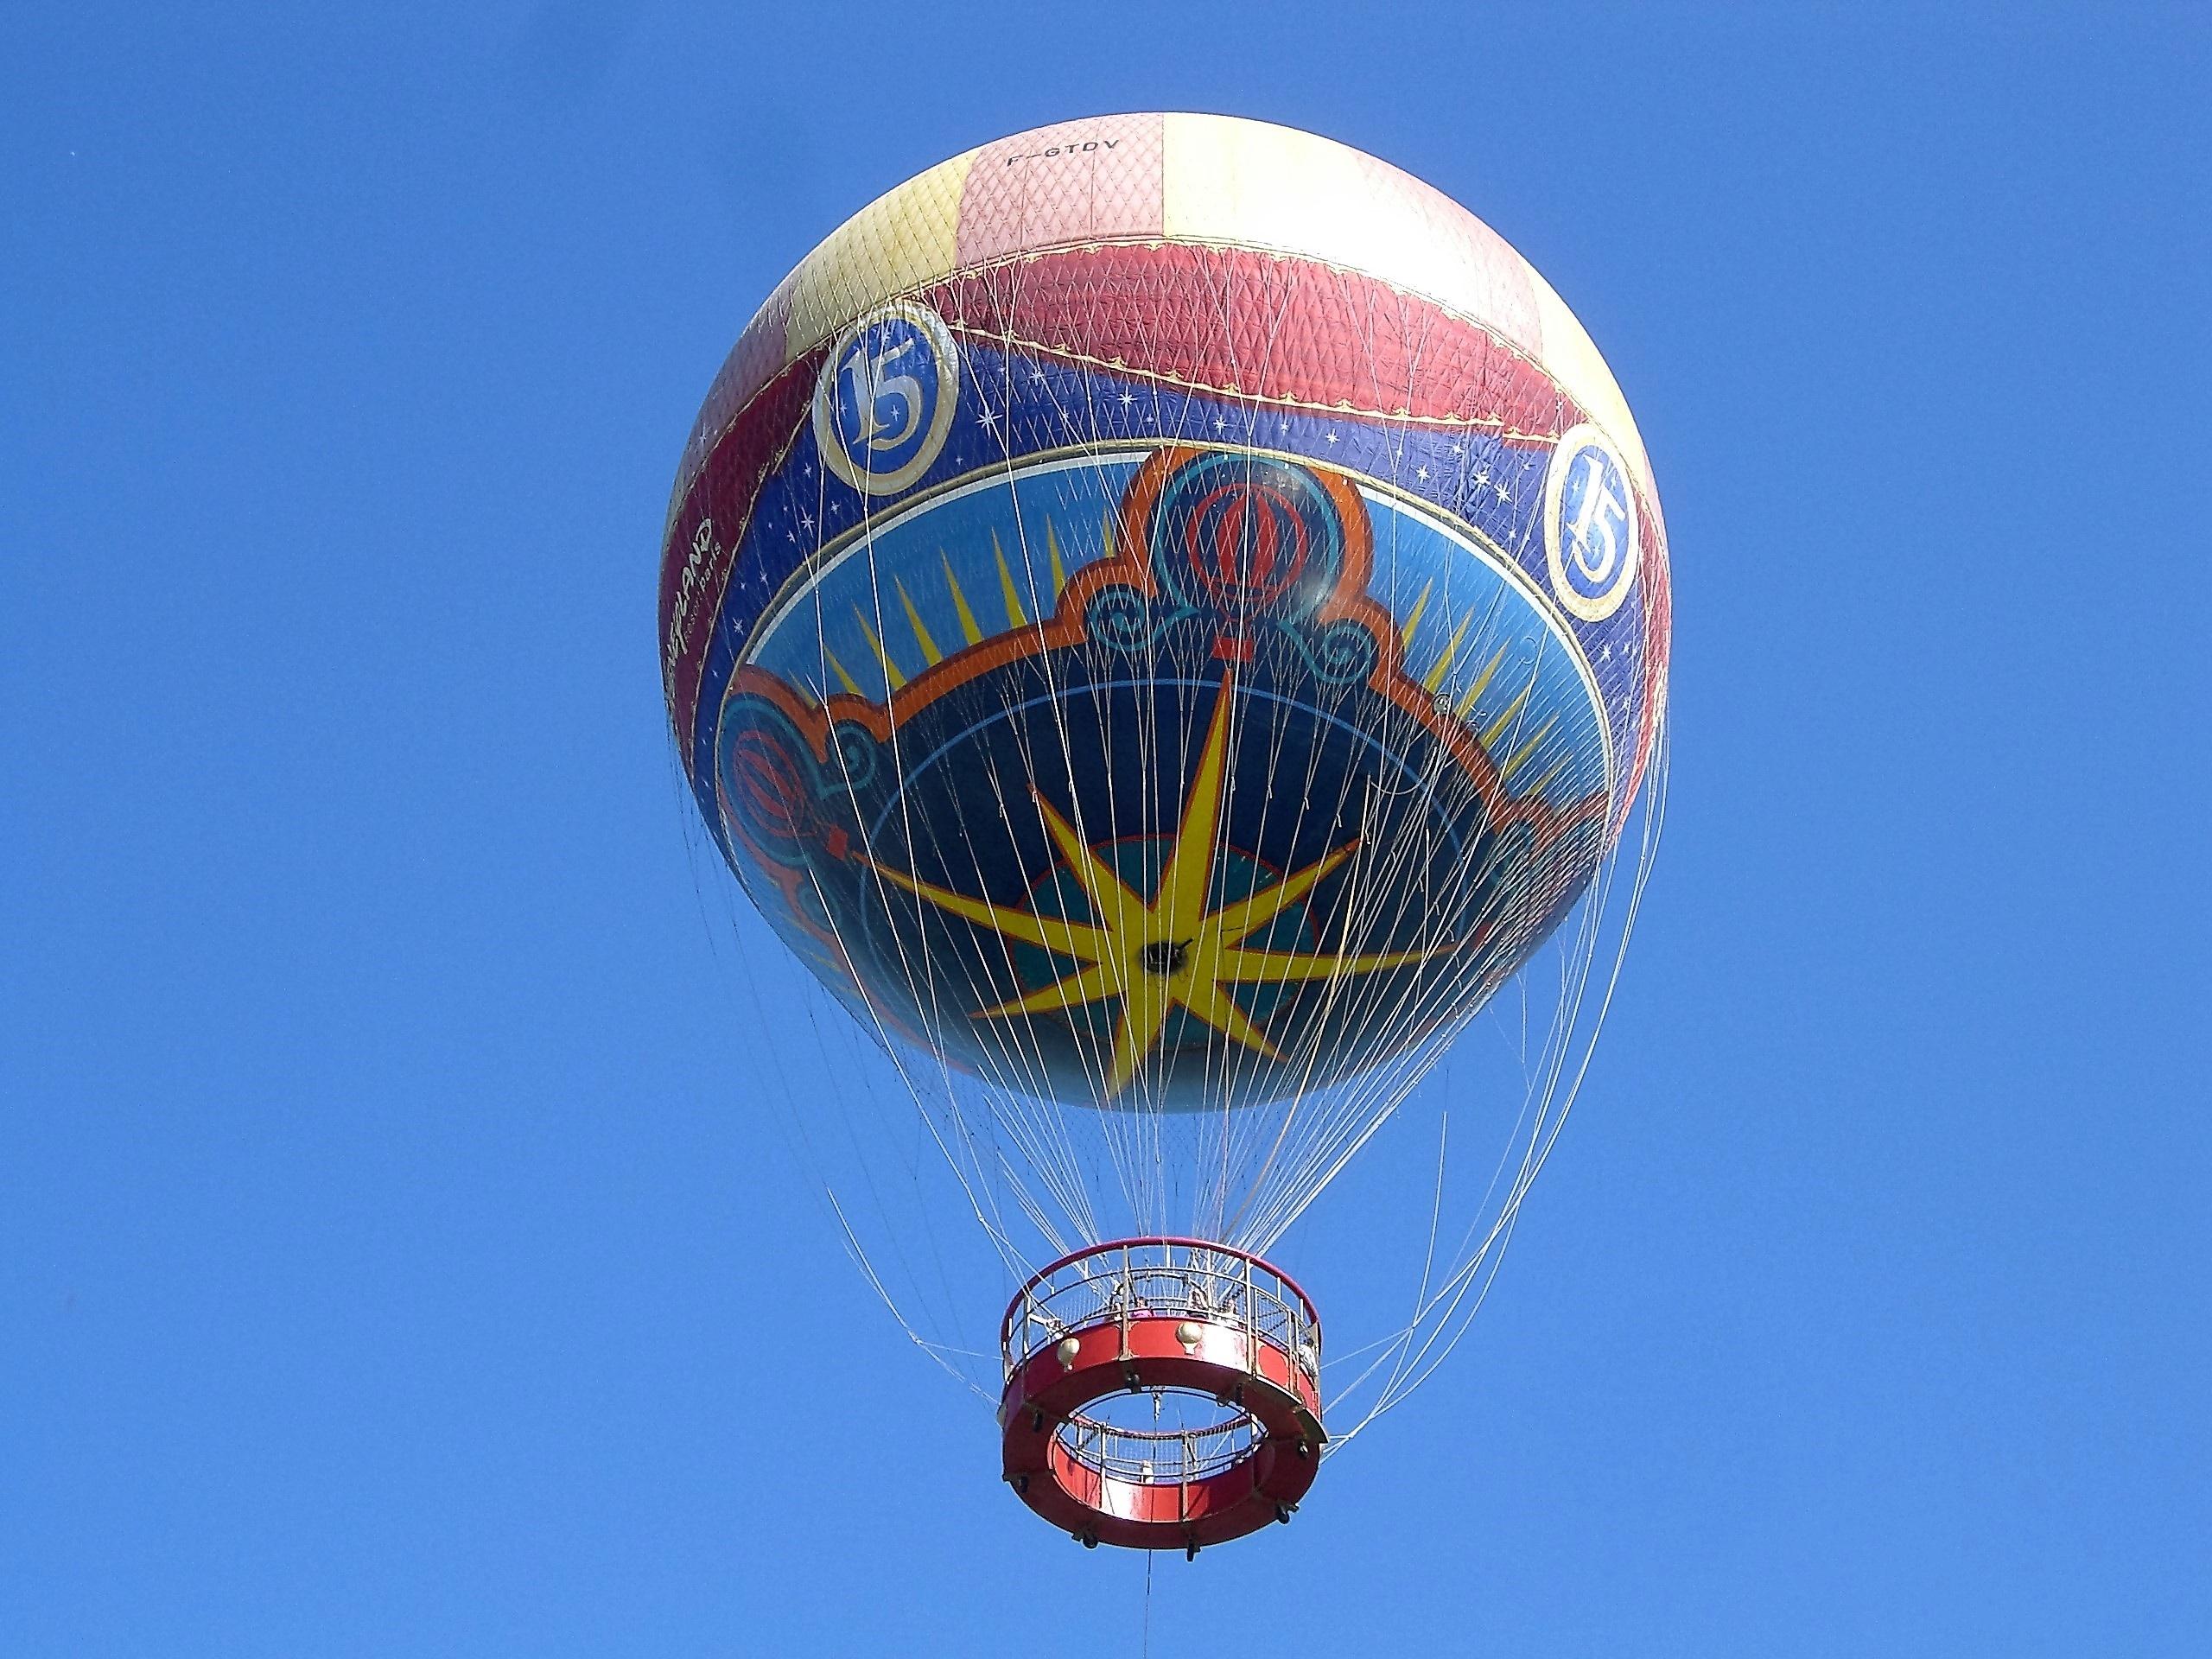 что увидите, воздушные шары и дирижабли картинки увлекательное